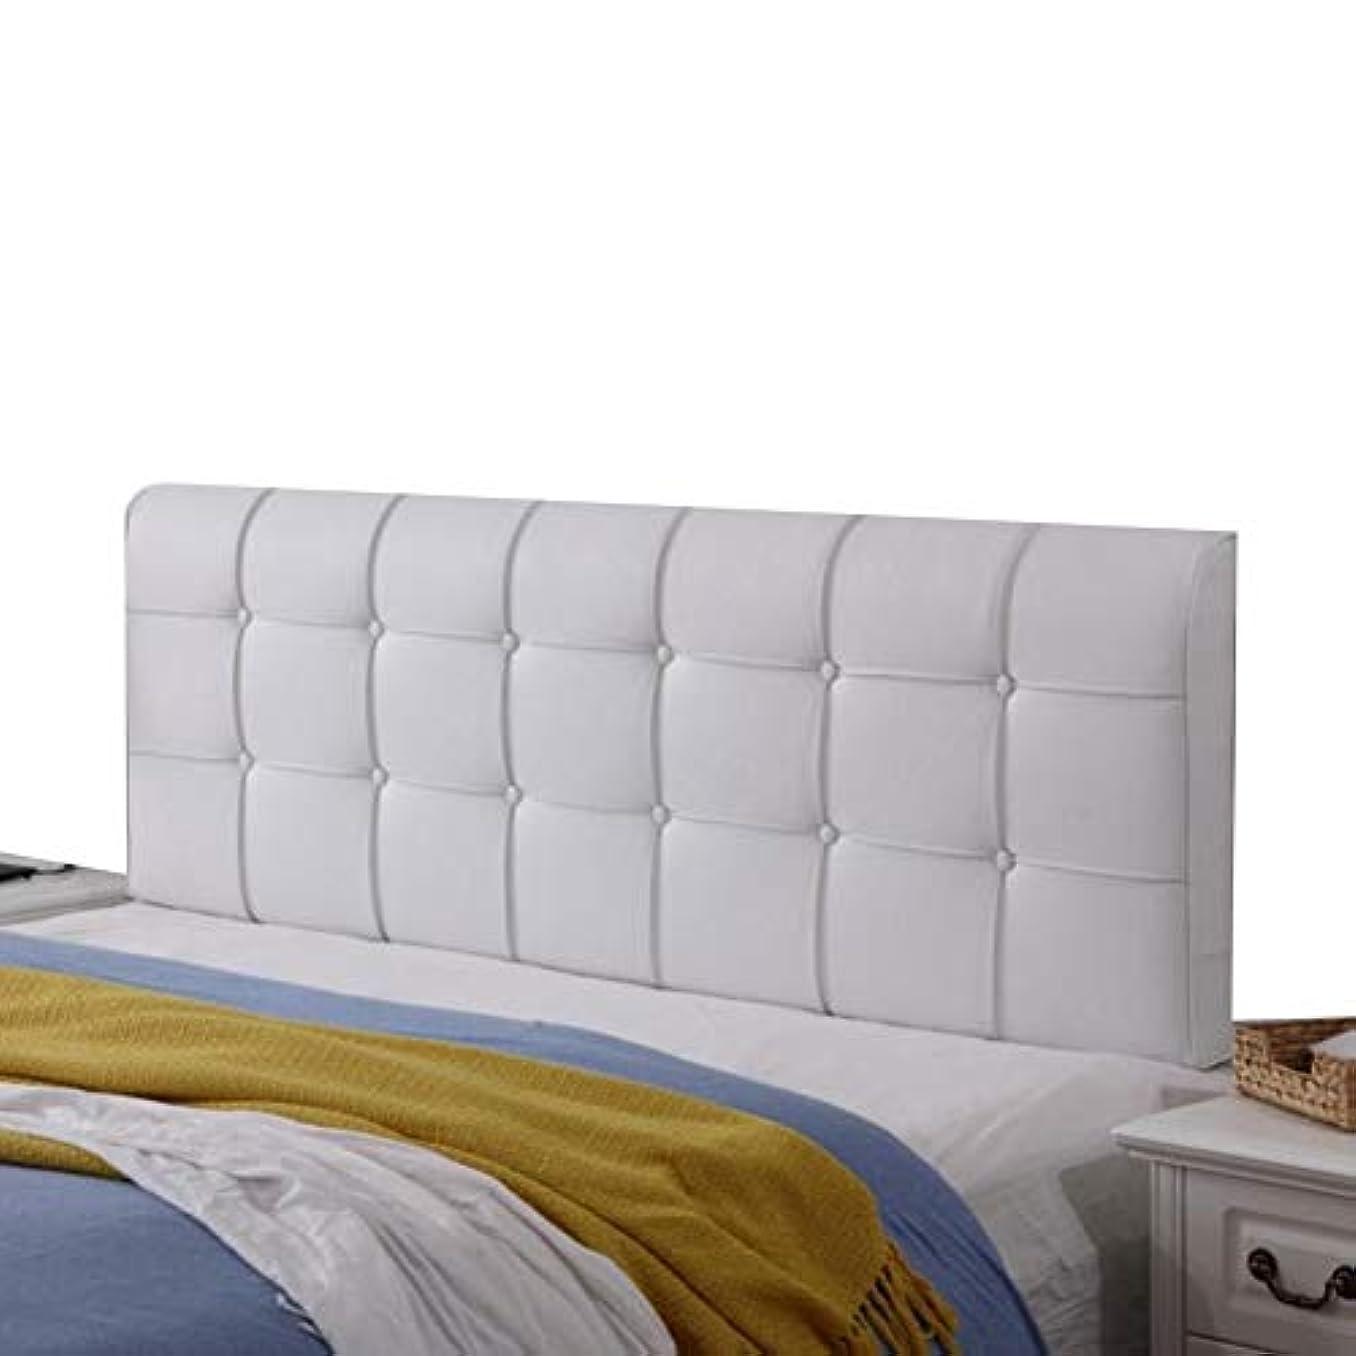 道路を作るプロセス囲むリストLIANGLIANG クションベッドの背もたれ100%スポンジ 枕 ベッドの背もたれ 読書ウエストパッド ダブルエクストララージ PU防汚 丈夫 、5色、12サイズ (色 : 白, サイズ さいず : 150x58x10cm)